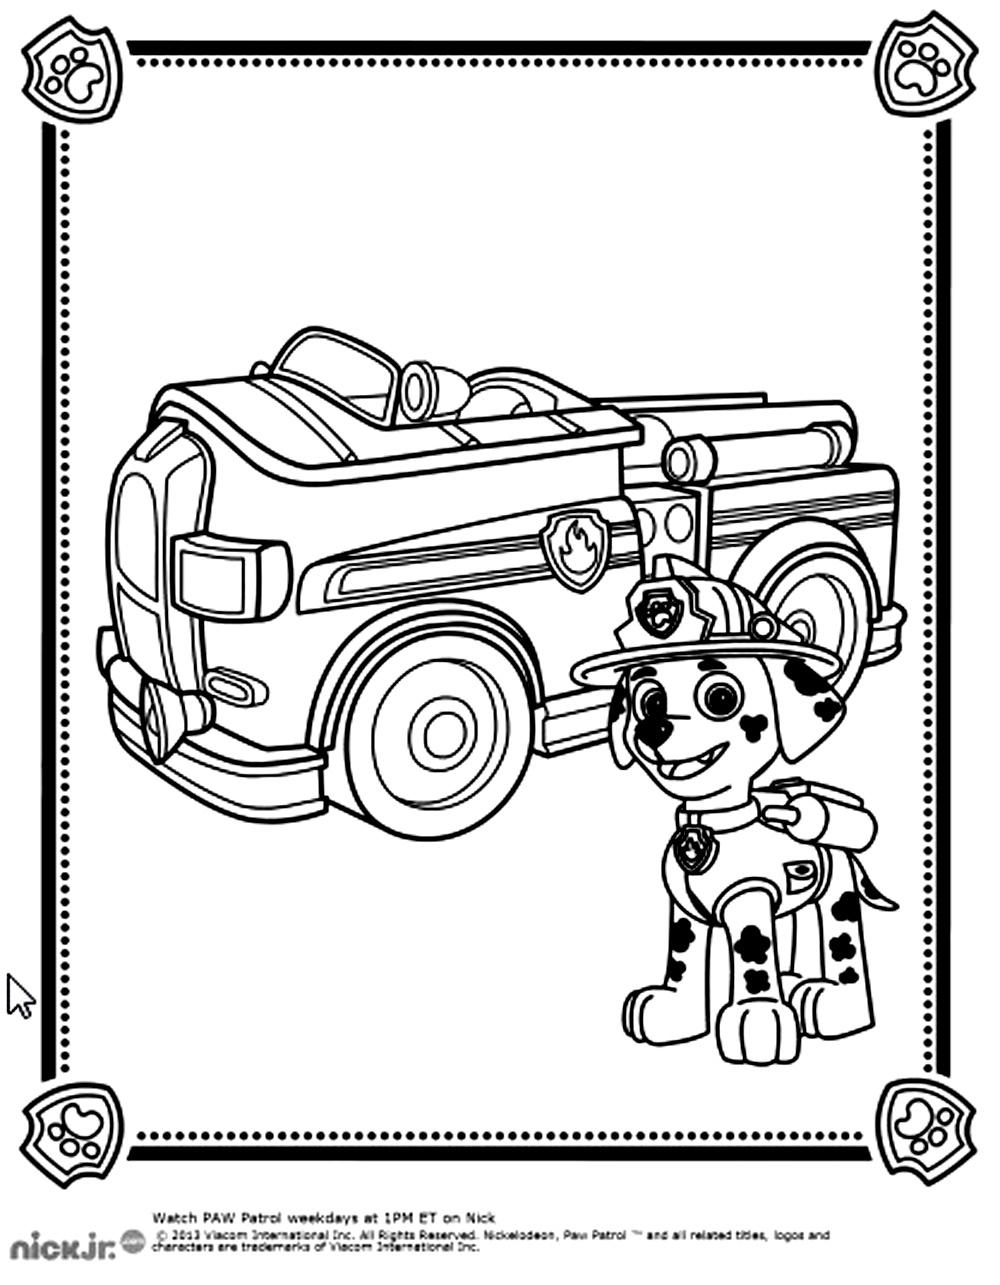 Coloriage De Pat Patrouille À Imprimer Pour Enfants intérieur Coloriage Pompier A Imprimer Gratuit